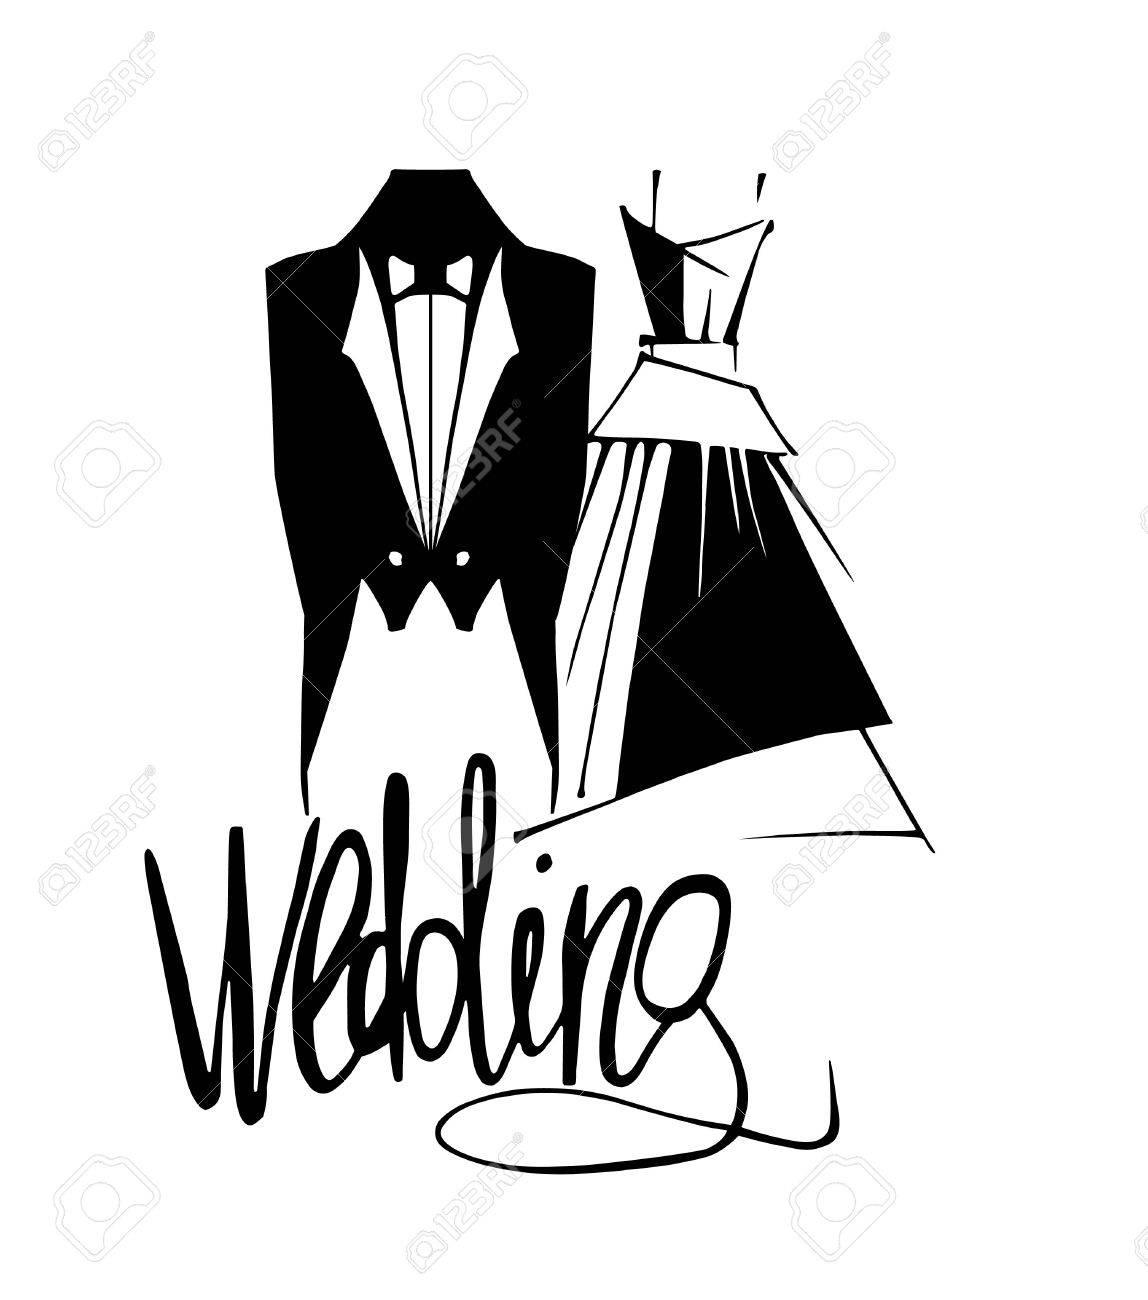 結婚式 イラスト 無料 白黒